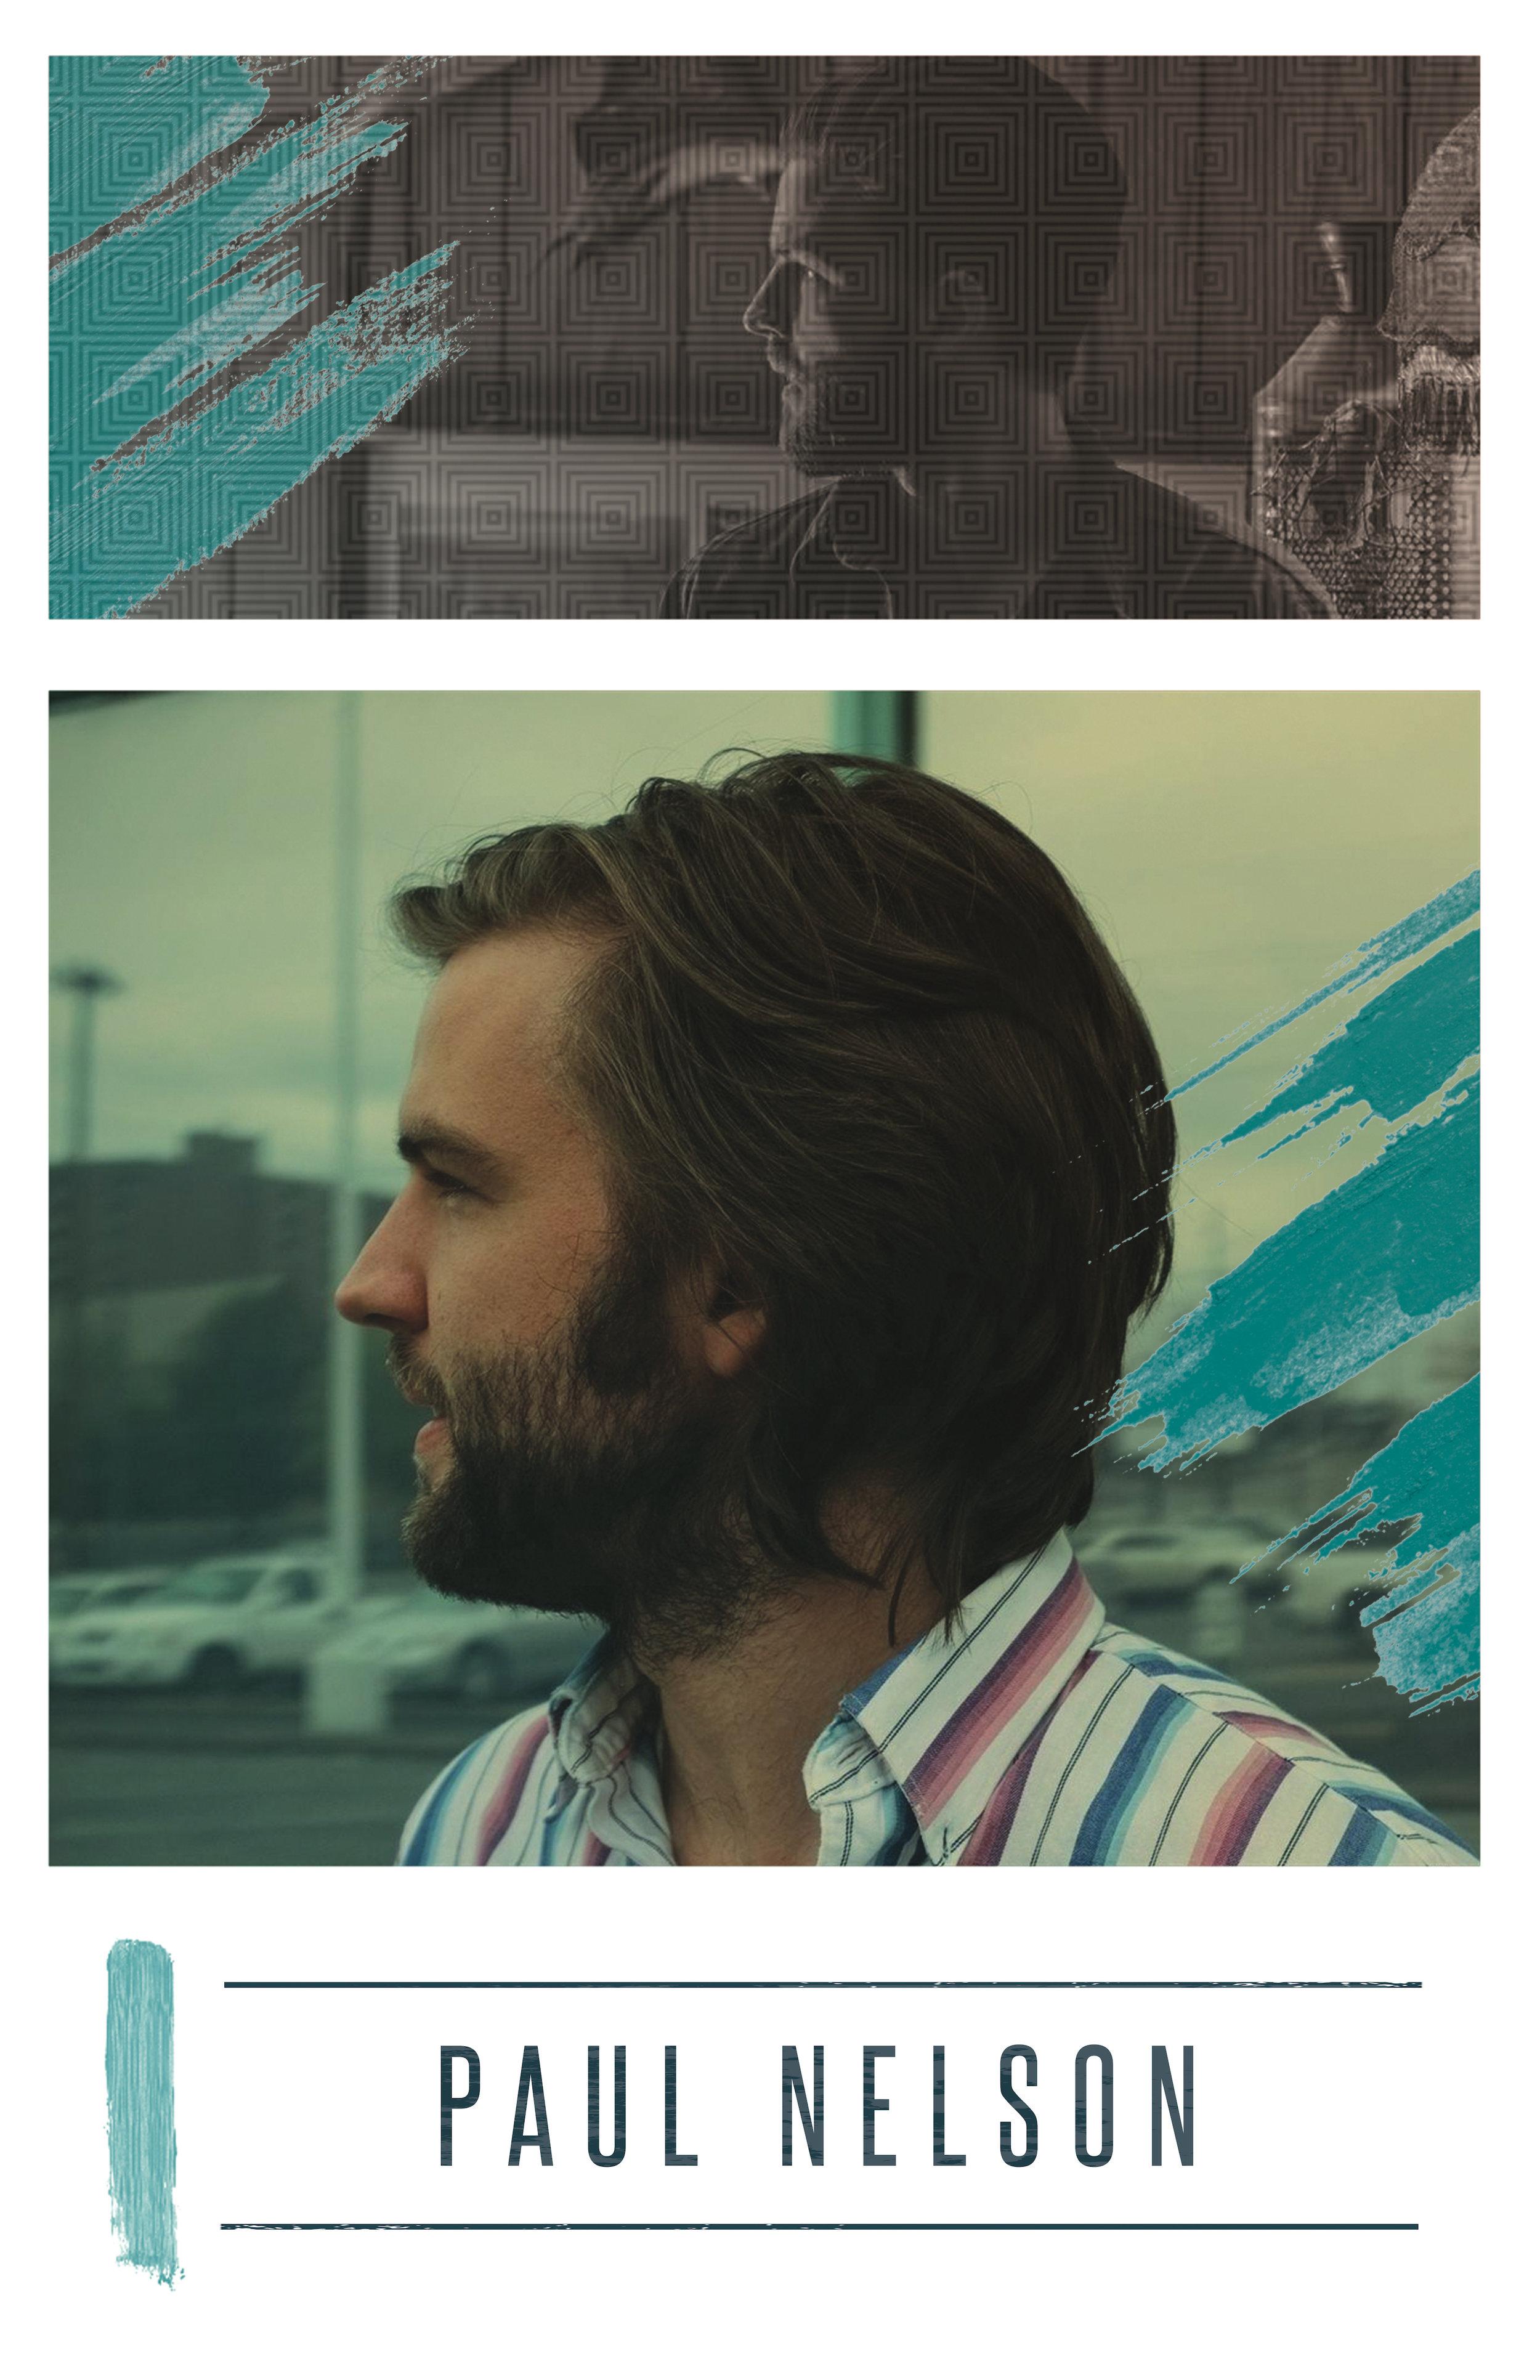 Paul Nelson - Artist Poster (2019) copy.jpg